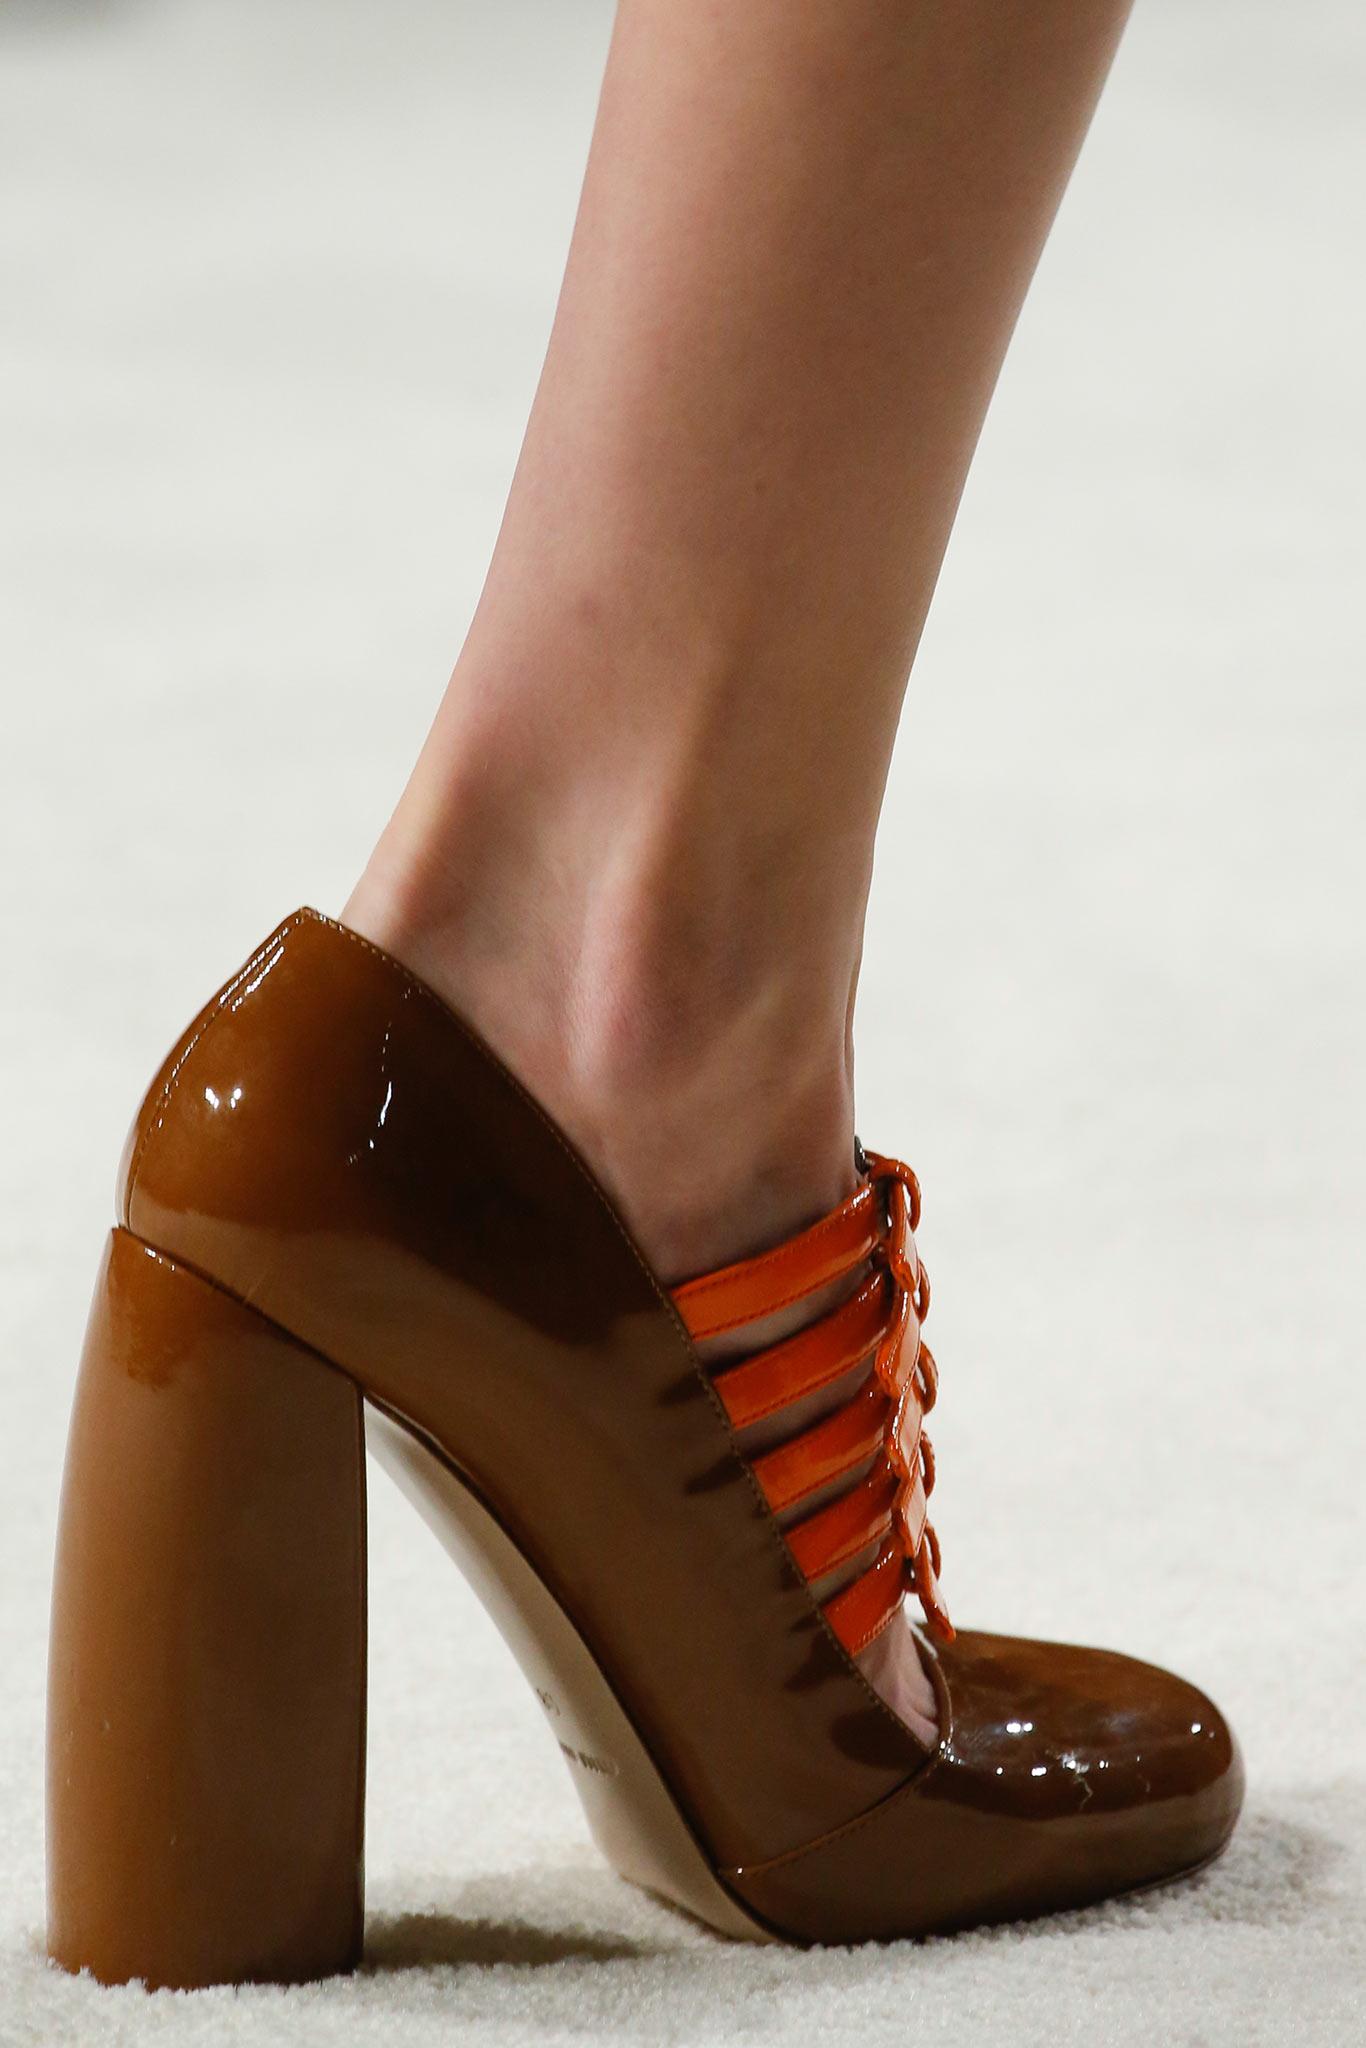 Miu Miu Black Shoes